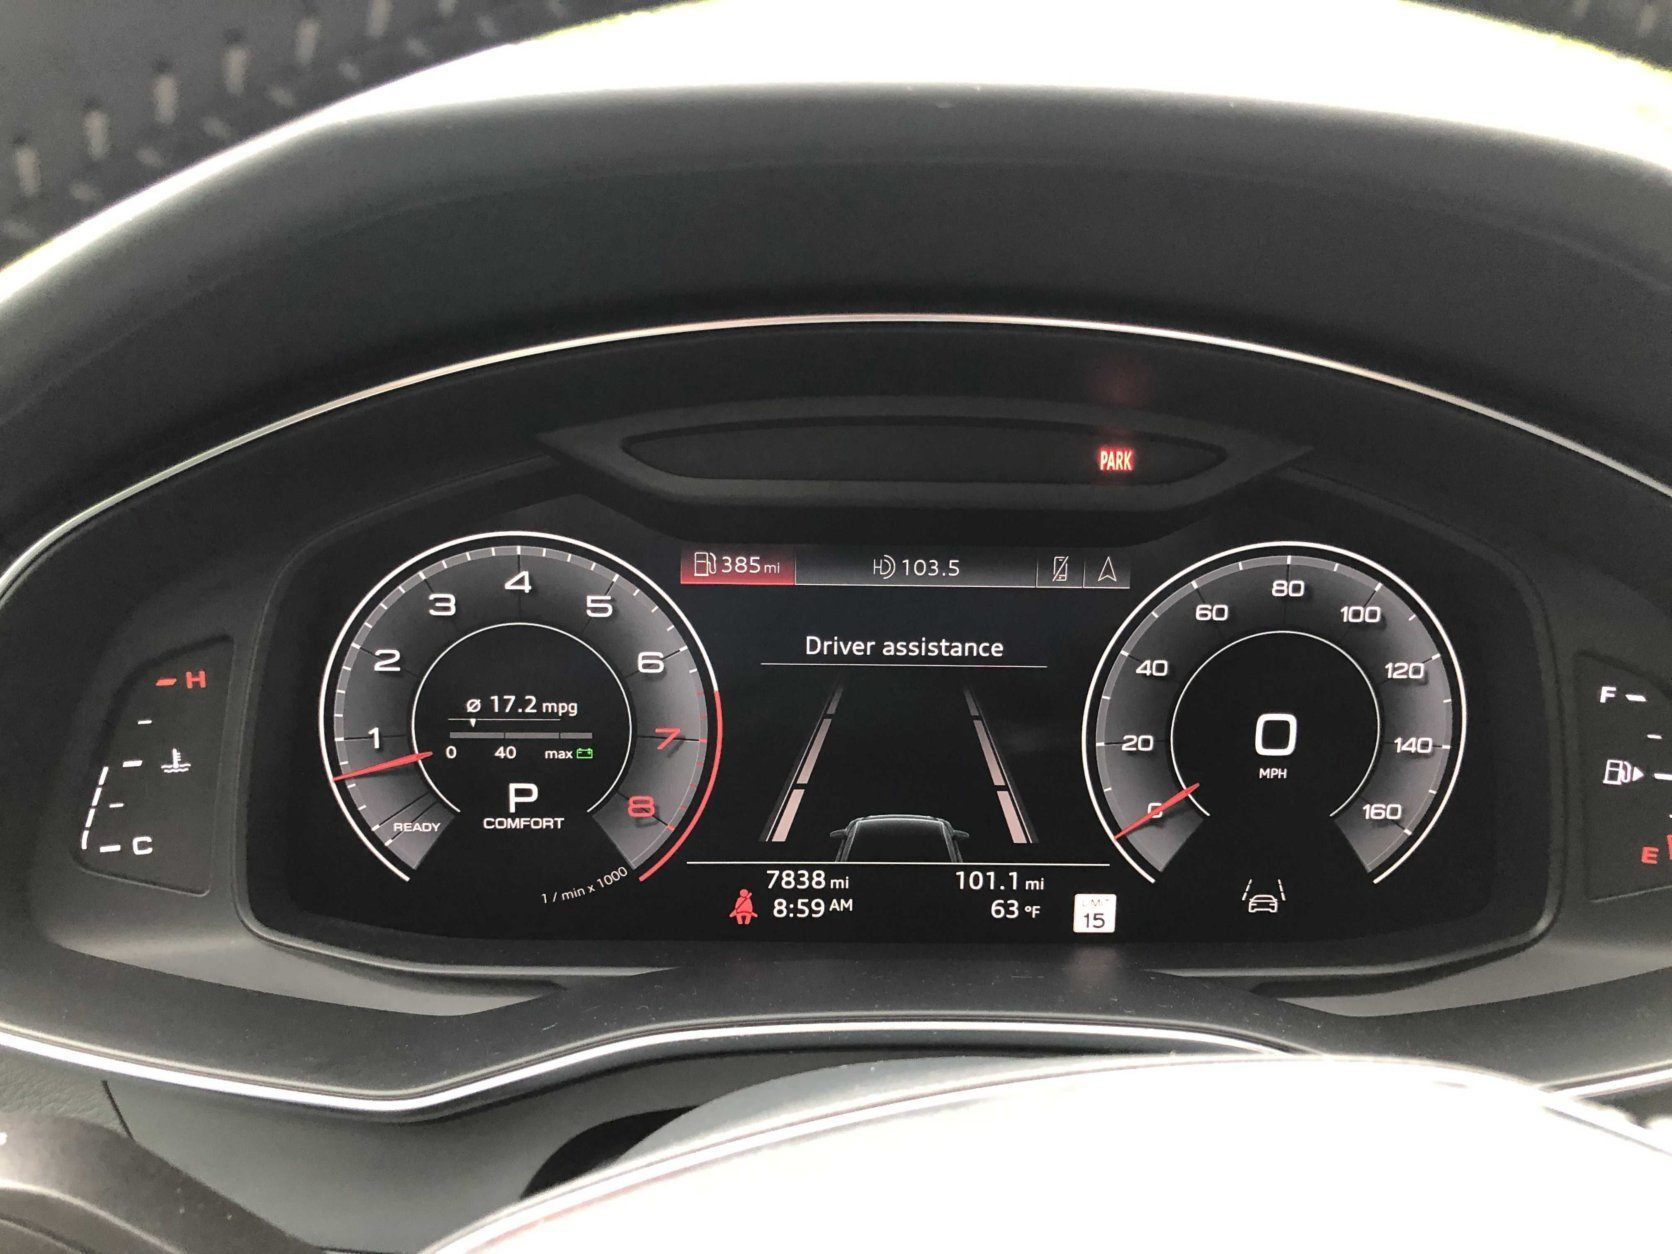 Audi A6 gauges